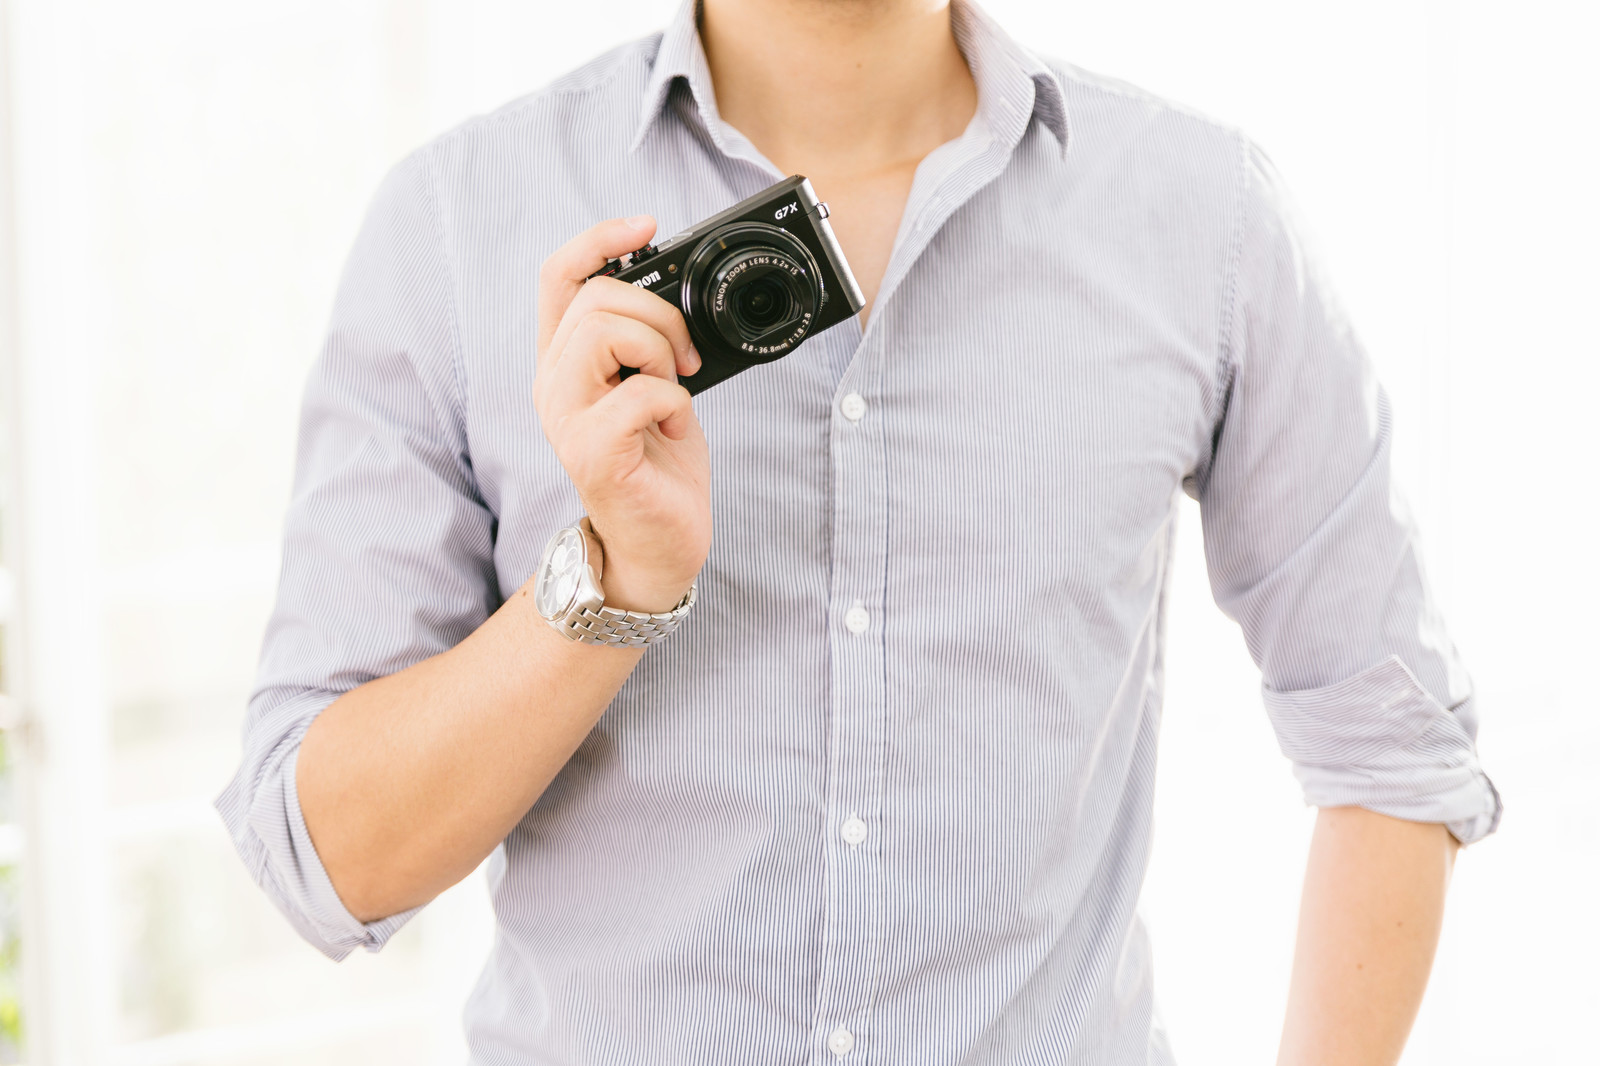 「新しく買ったコンデジで撮影しちゃうぞ!(週末父さん)新しく買ったコンデジで撮影しちゃうぞ!(週末父さん)」のフリー写真素材を拡大